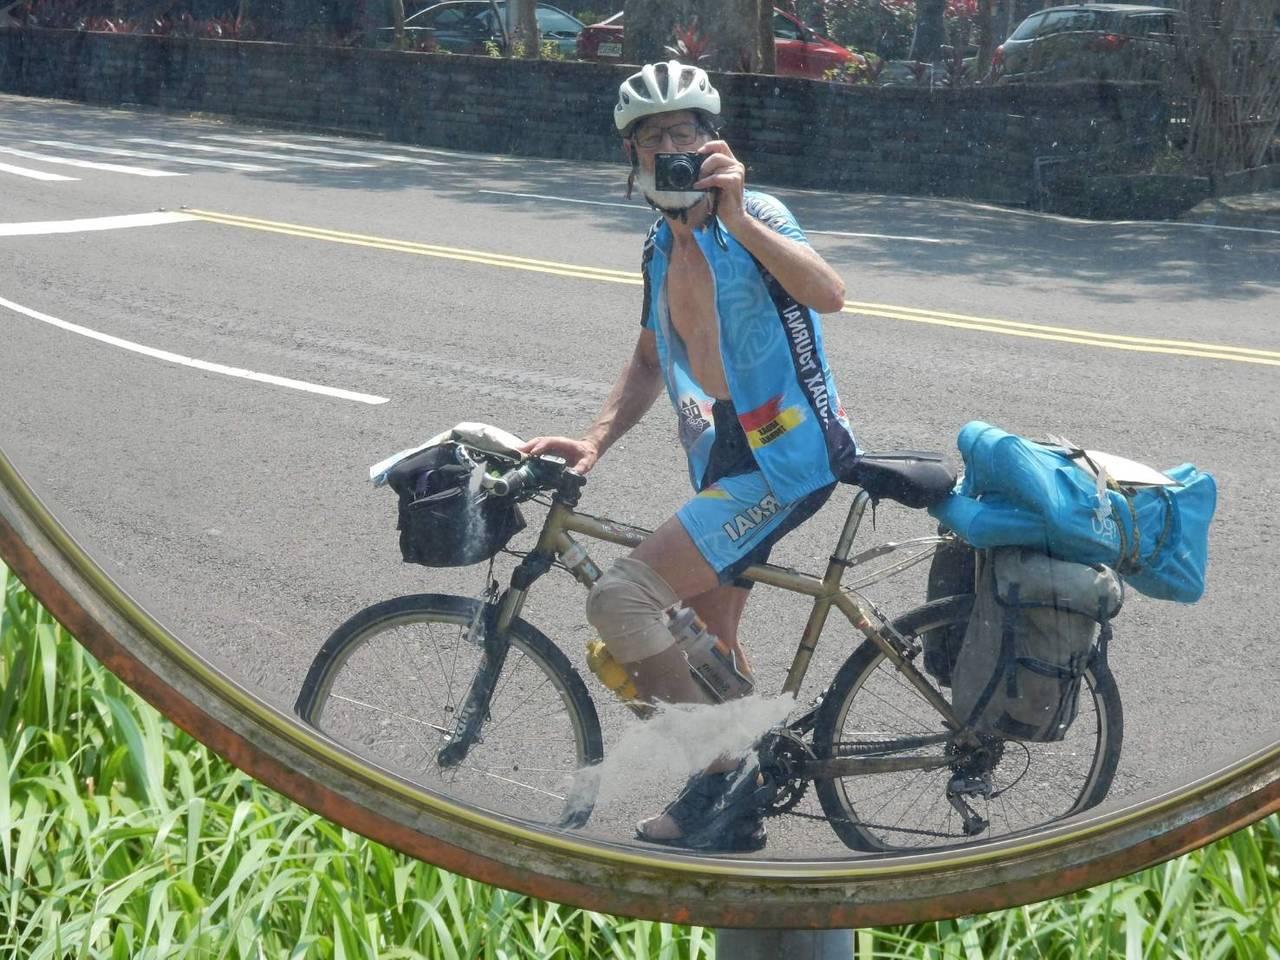 比利时自行车俱乐部主席米歇尔.卡迪儿,来台展开单车旅游后,回国后发文称赞台湾警察...